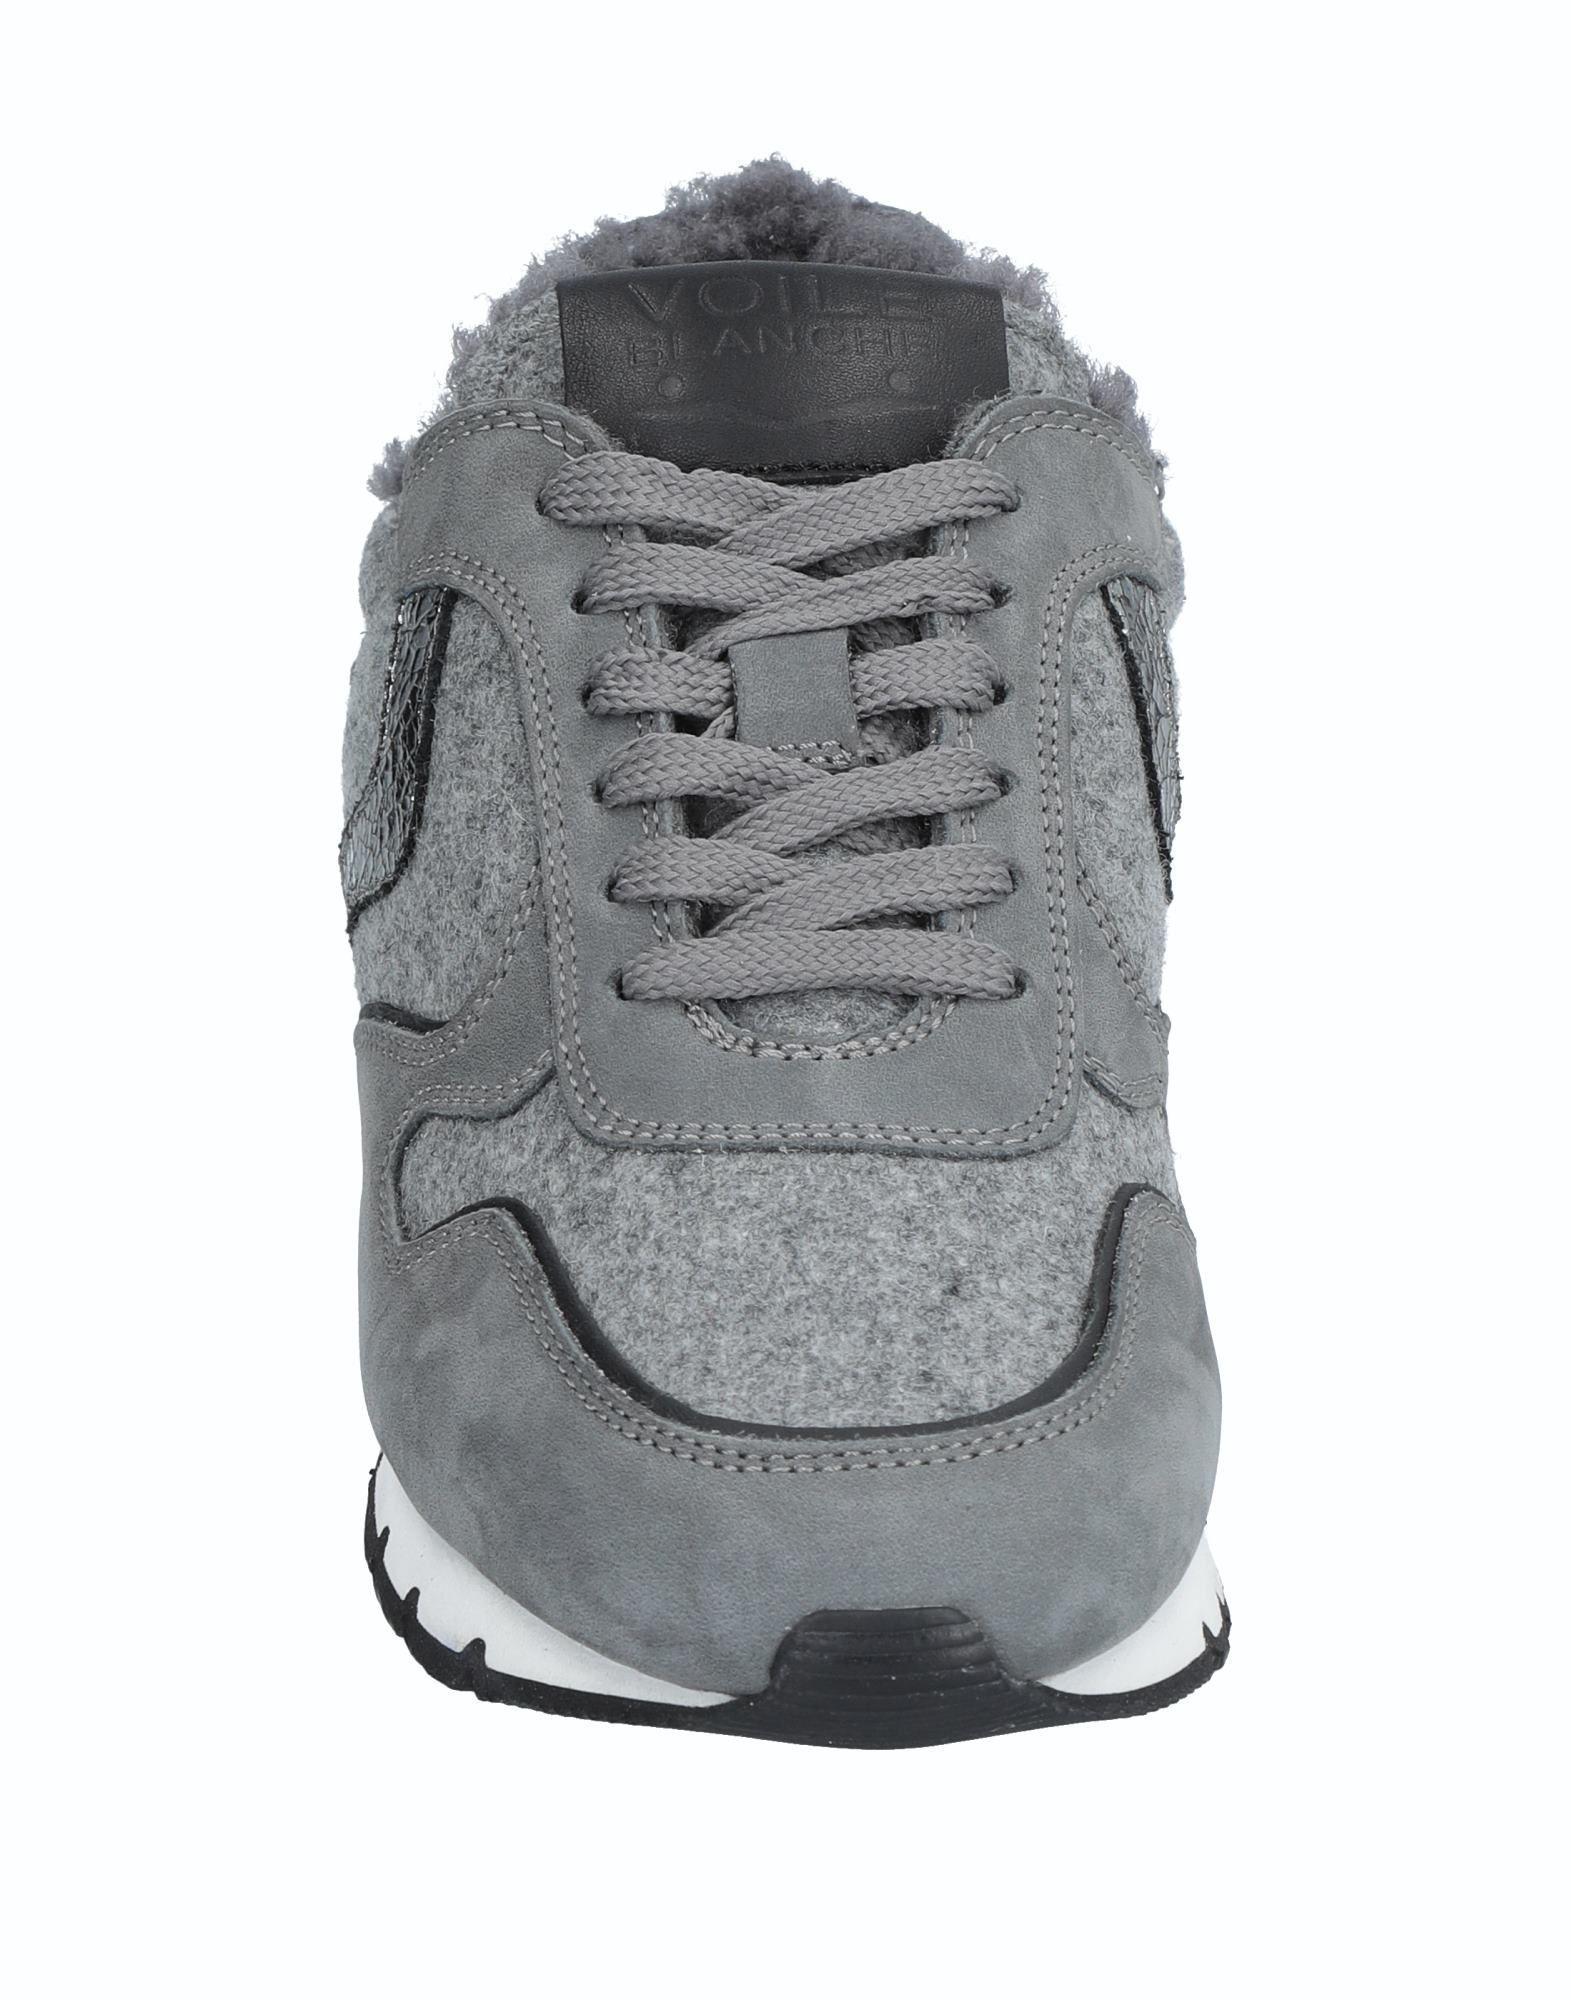 Voile Blanche Felt Low-tops & Sneakers in Grey (Grey)